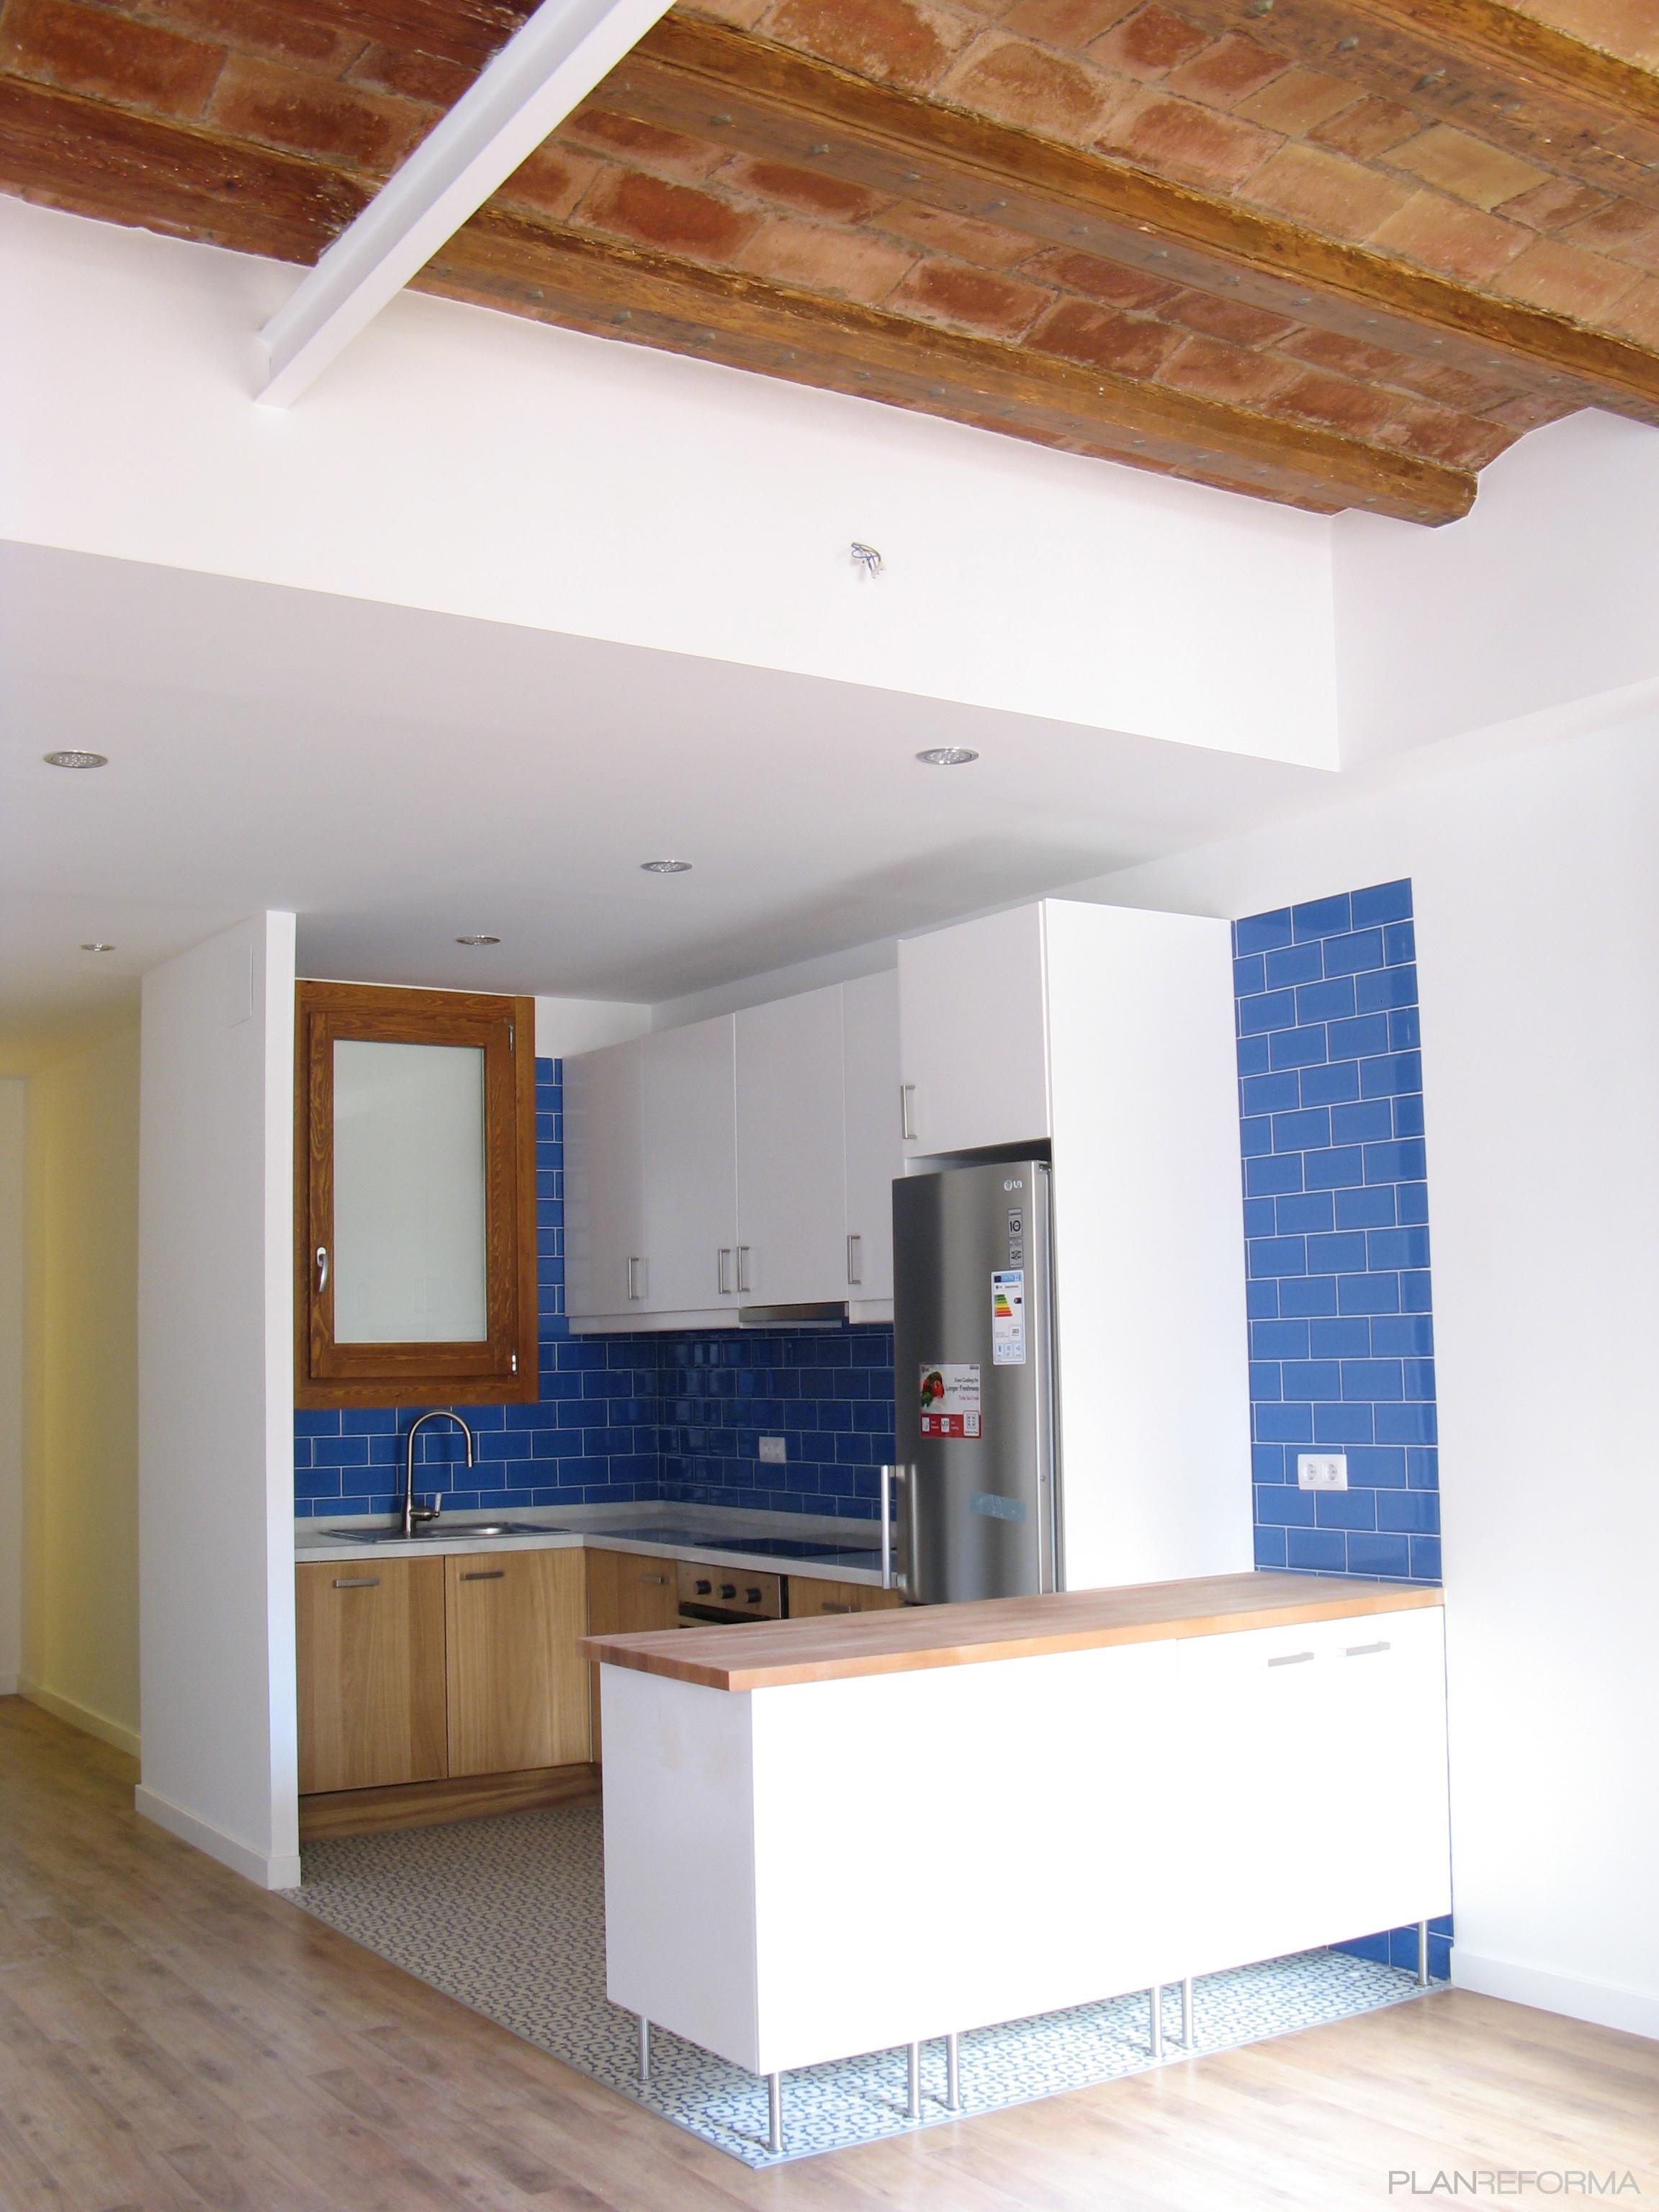 Comedor cocina salon style contemporaneo color azul - Cocina salon comedor ...